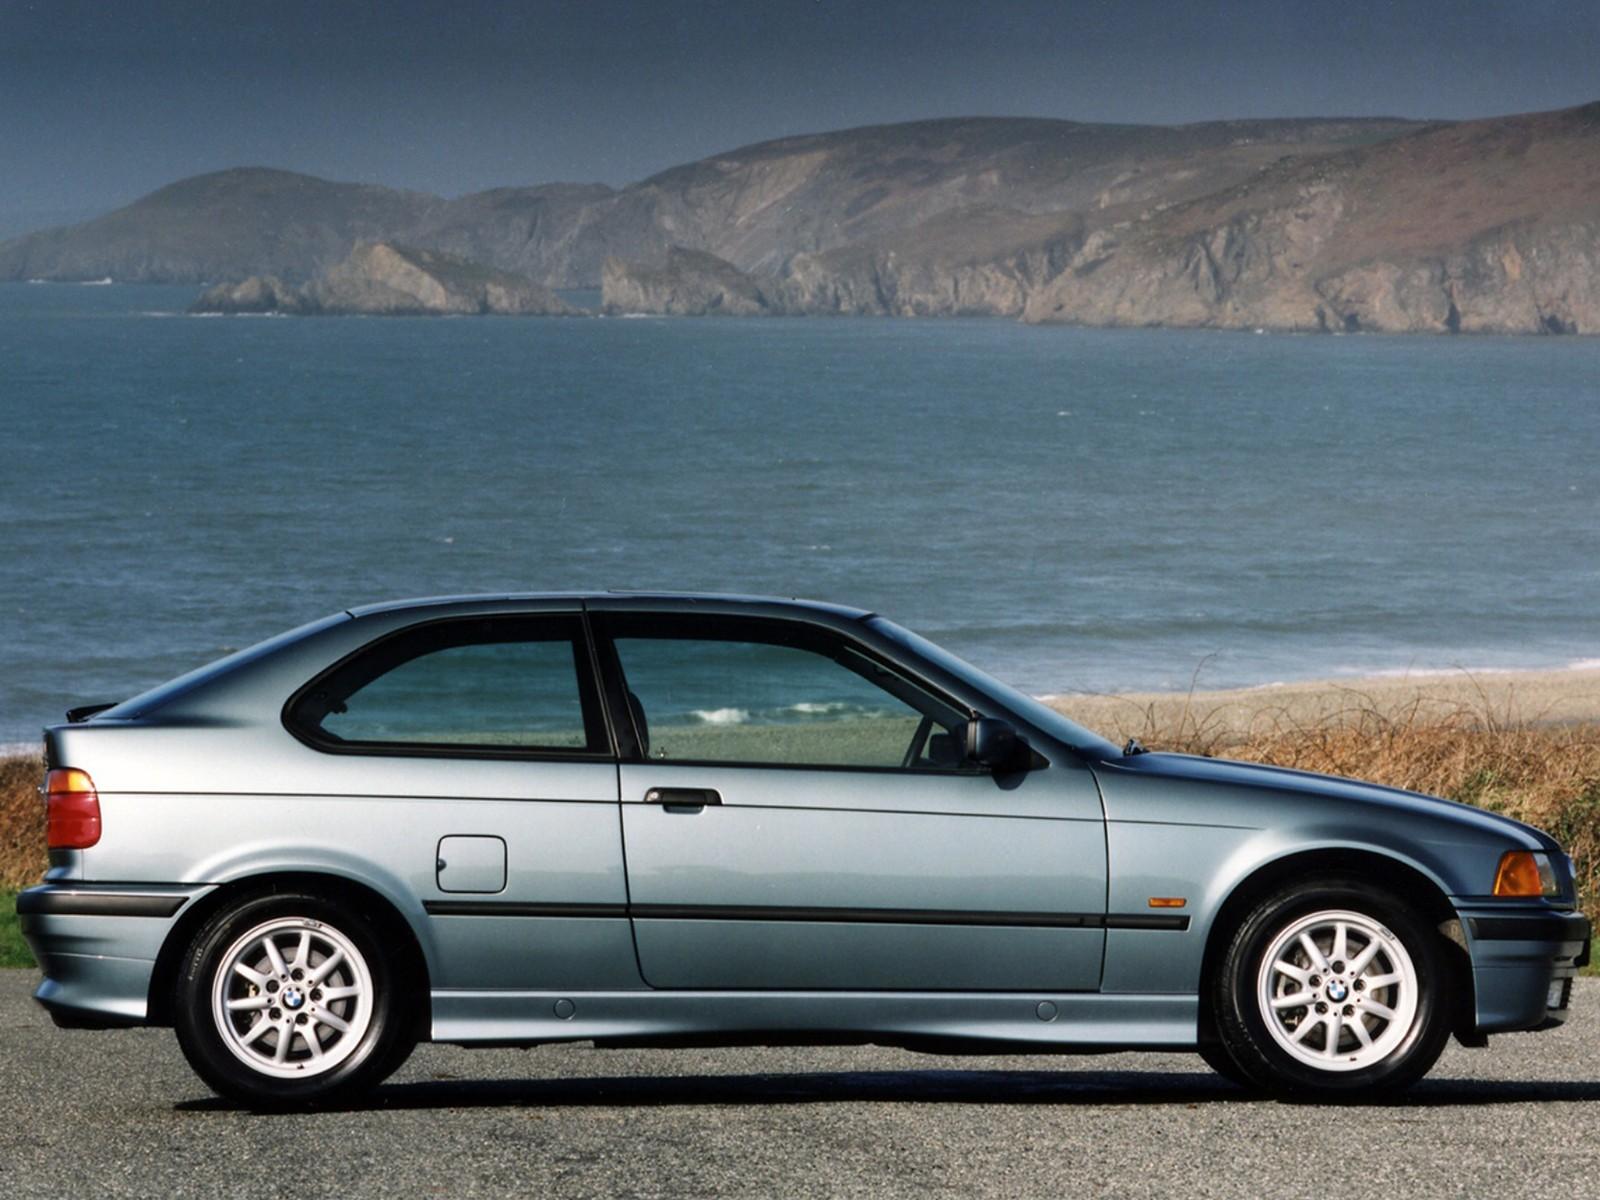 Bmw 3 Series Compact E36 1994 1995 1996 1997 1998